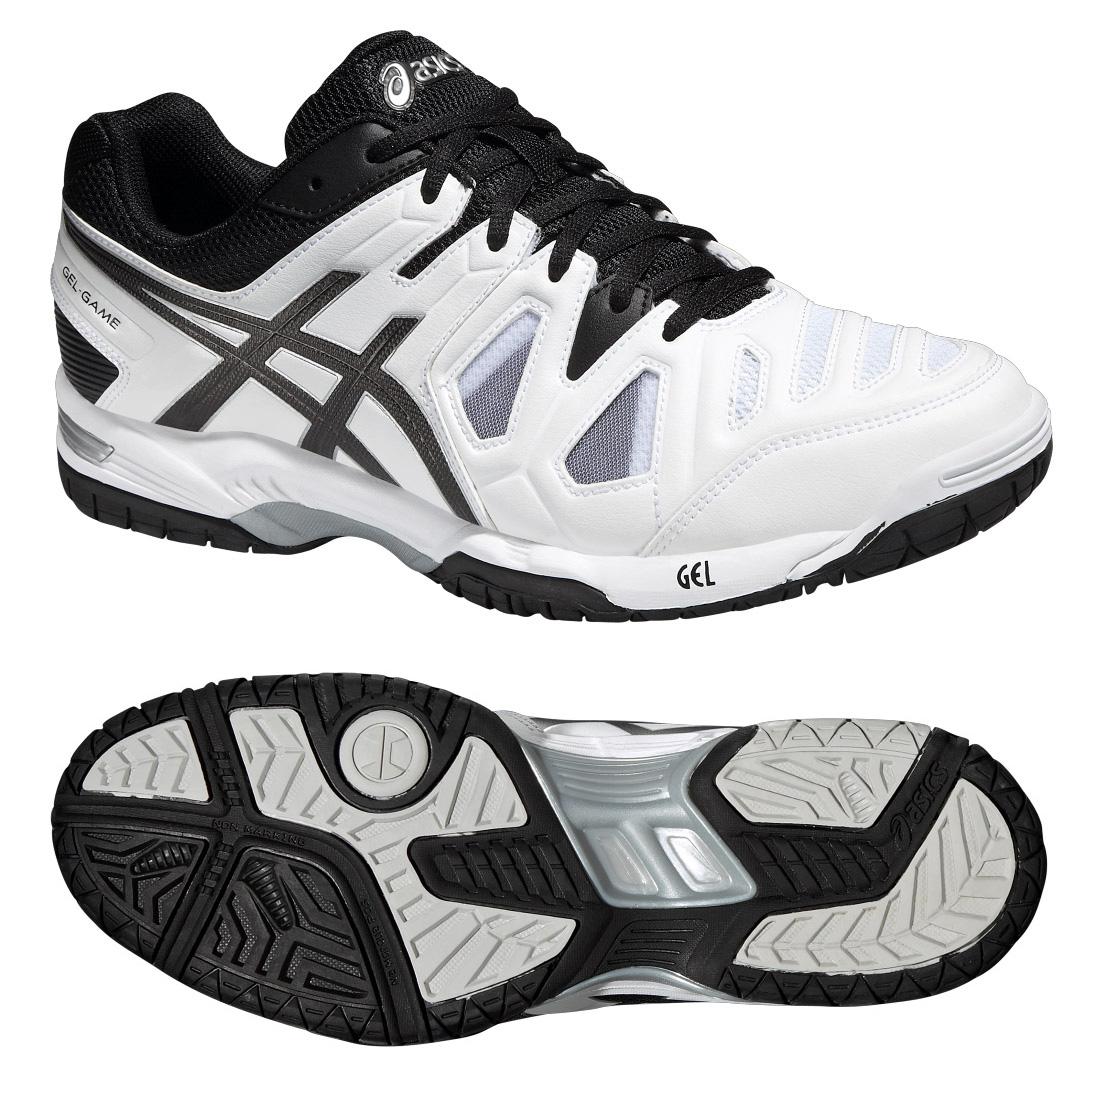 Asics GelGame 5 Mens Tennis Shoes  11 UK